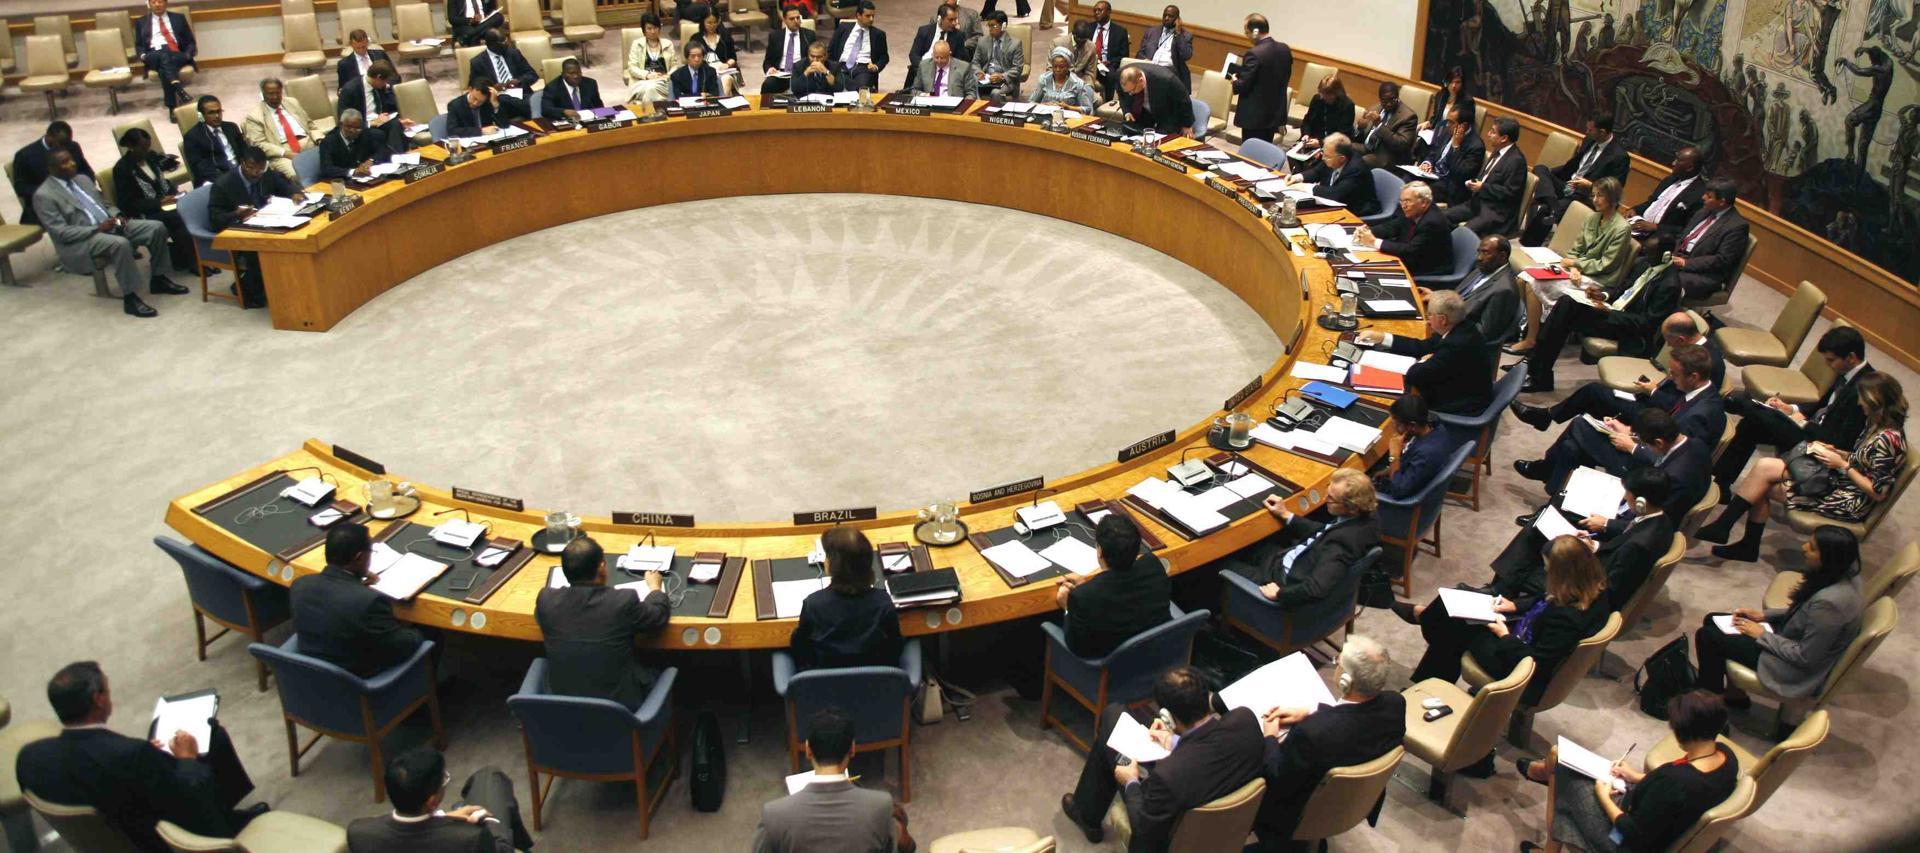 مجلس الأمن يعقد أول اجتماع له حول الصحراء الغربية منذ تعيين دي مستورا